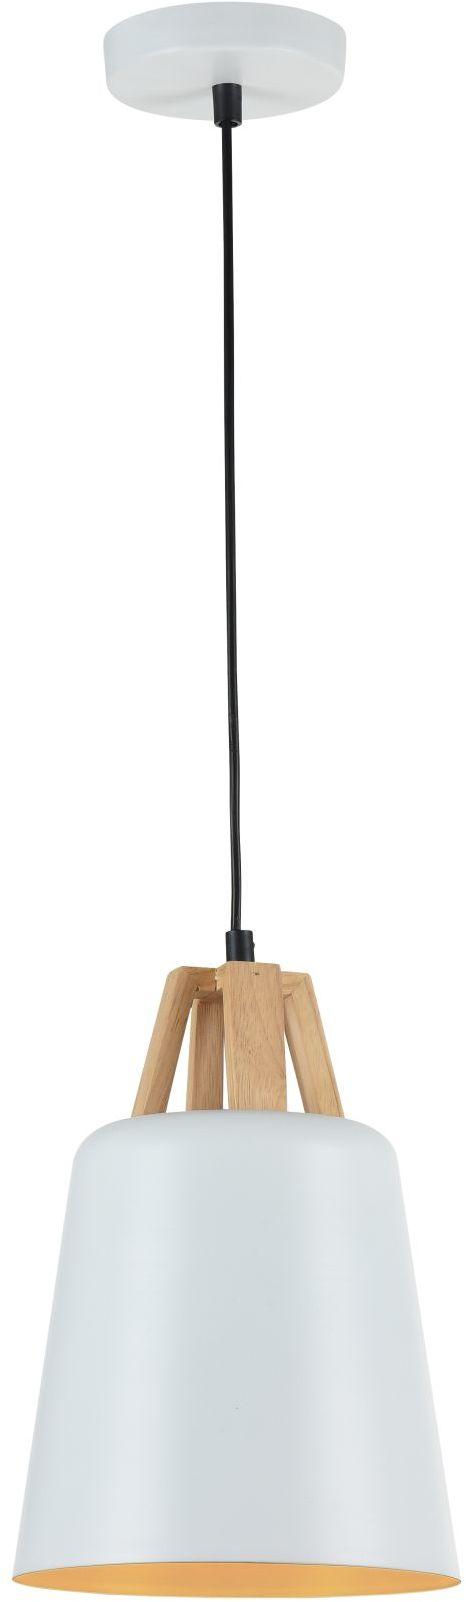 Maytoni Cup P019-PL-01-W lampa wisząca matowy biały metalowy klosz drewniany dekor regulowana wysokość 1XE27 60W 19cm